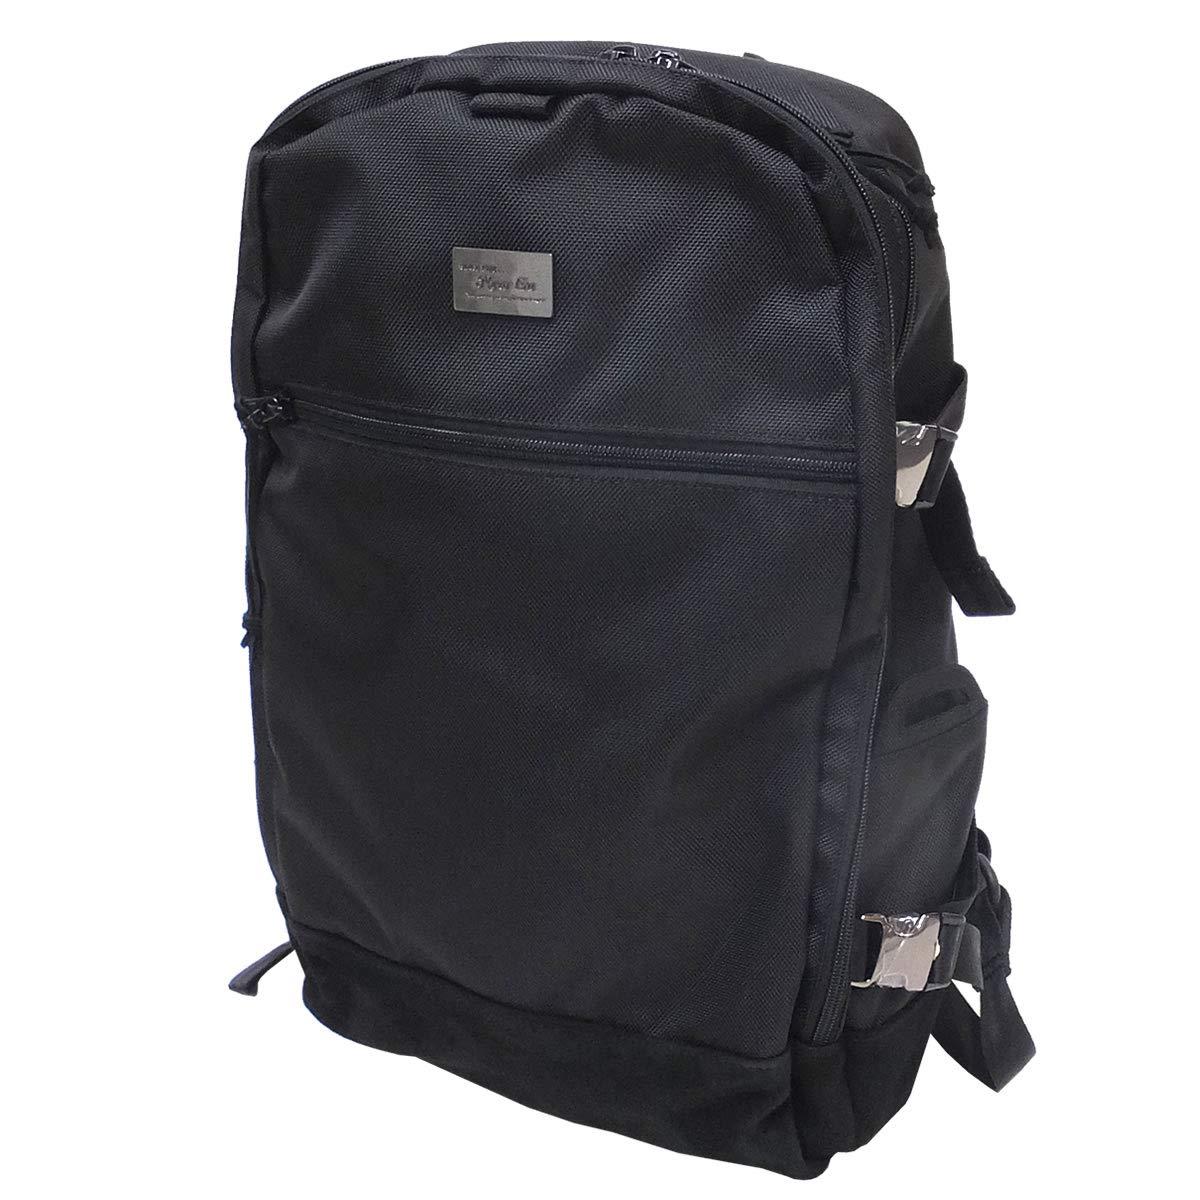 [NEW ERA(ニューエラ)] リュック 大容量 バックパック SMART PACK ブラックスウェード 11783270   B07HWZYMWQ